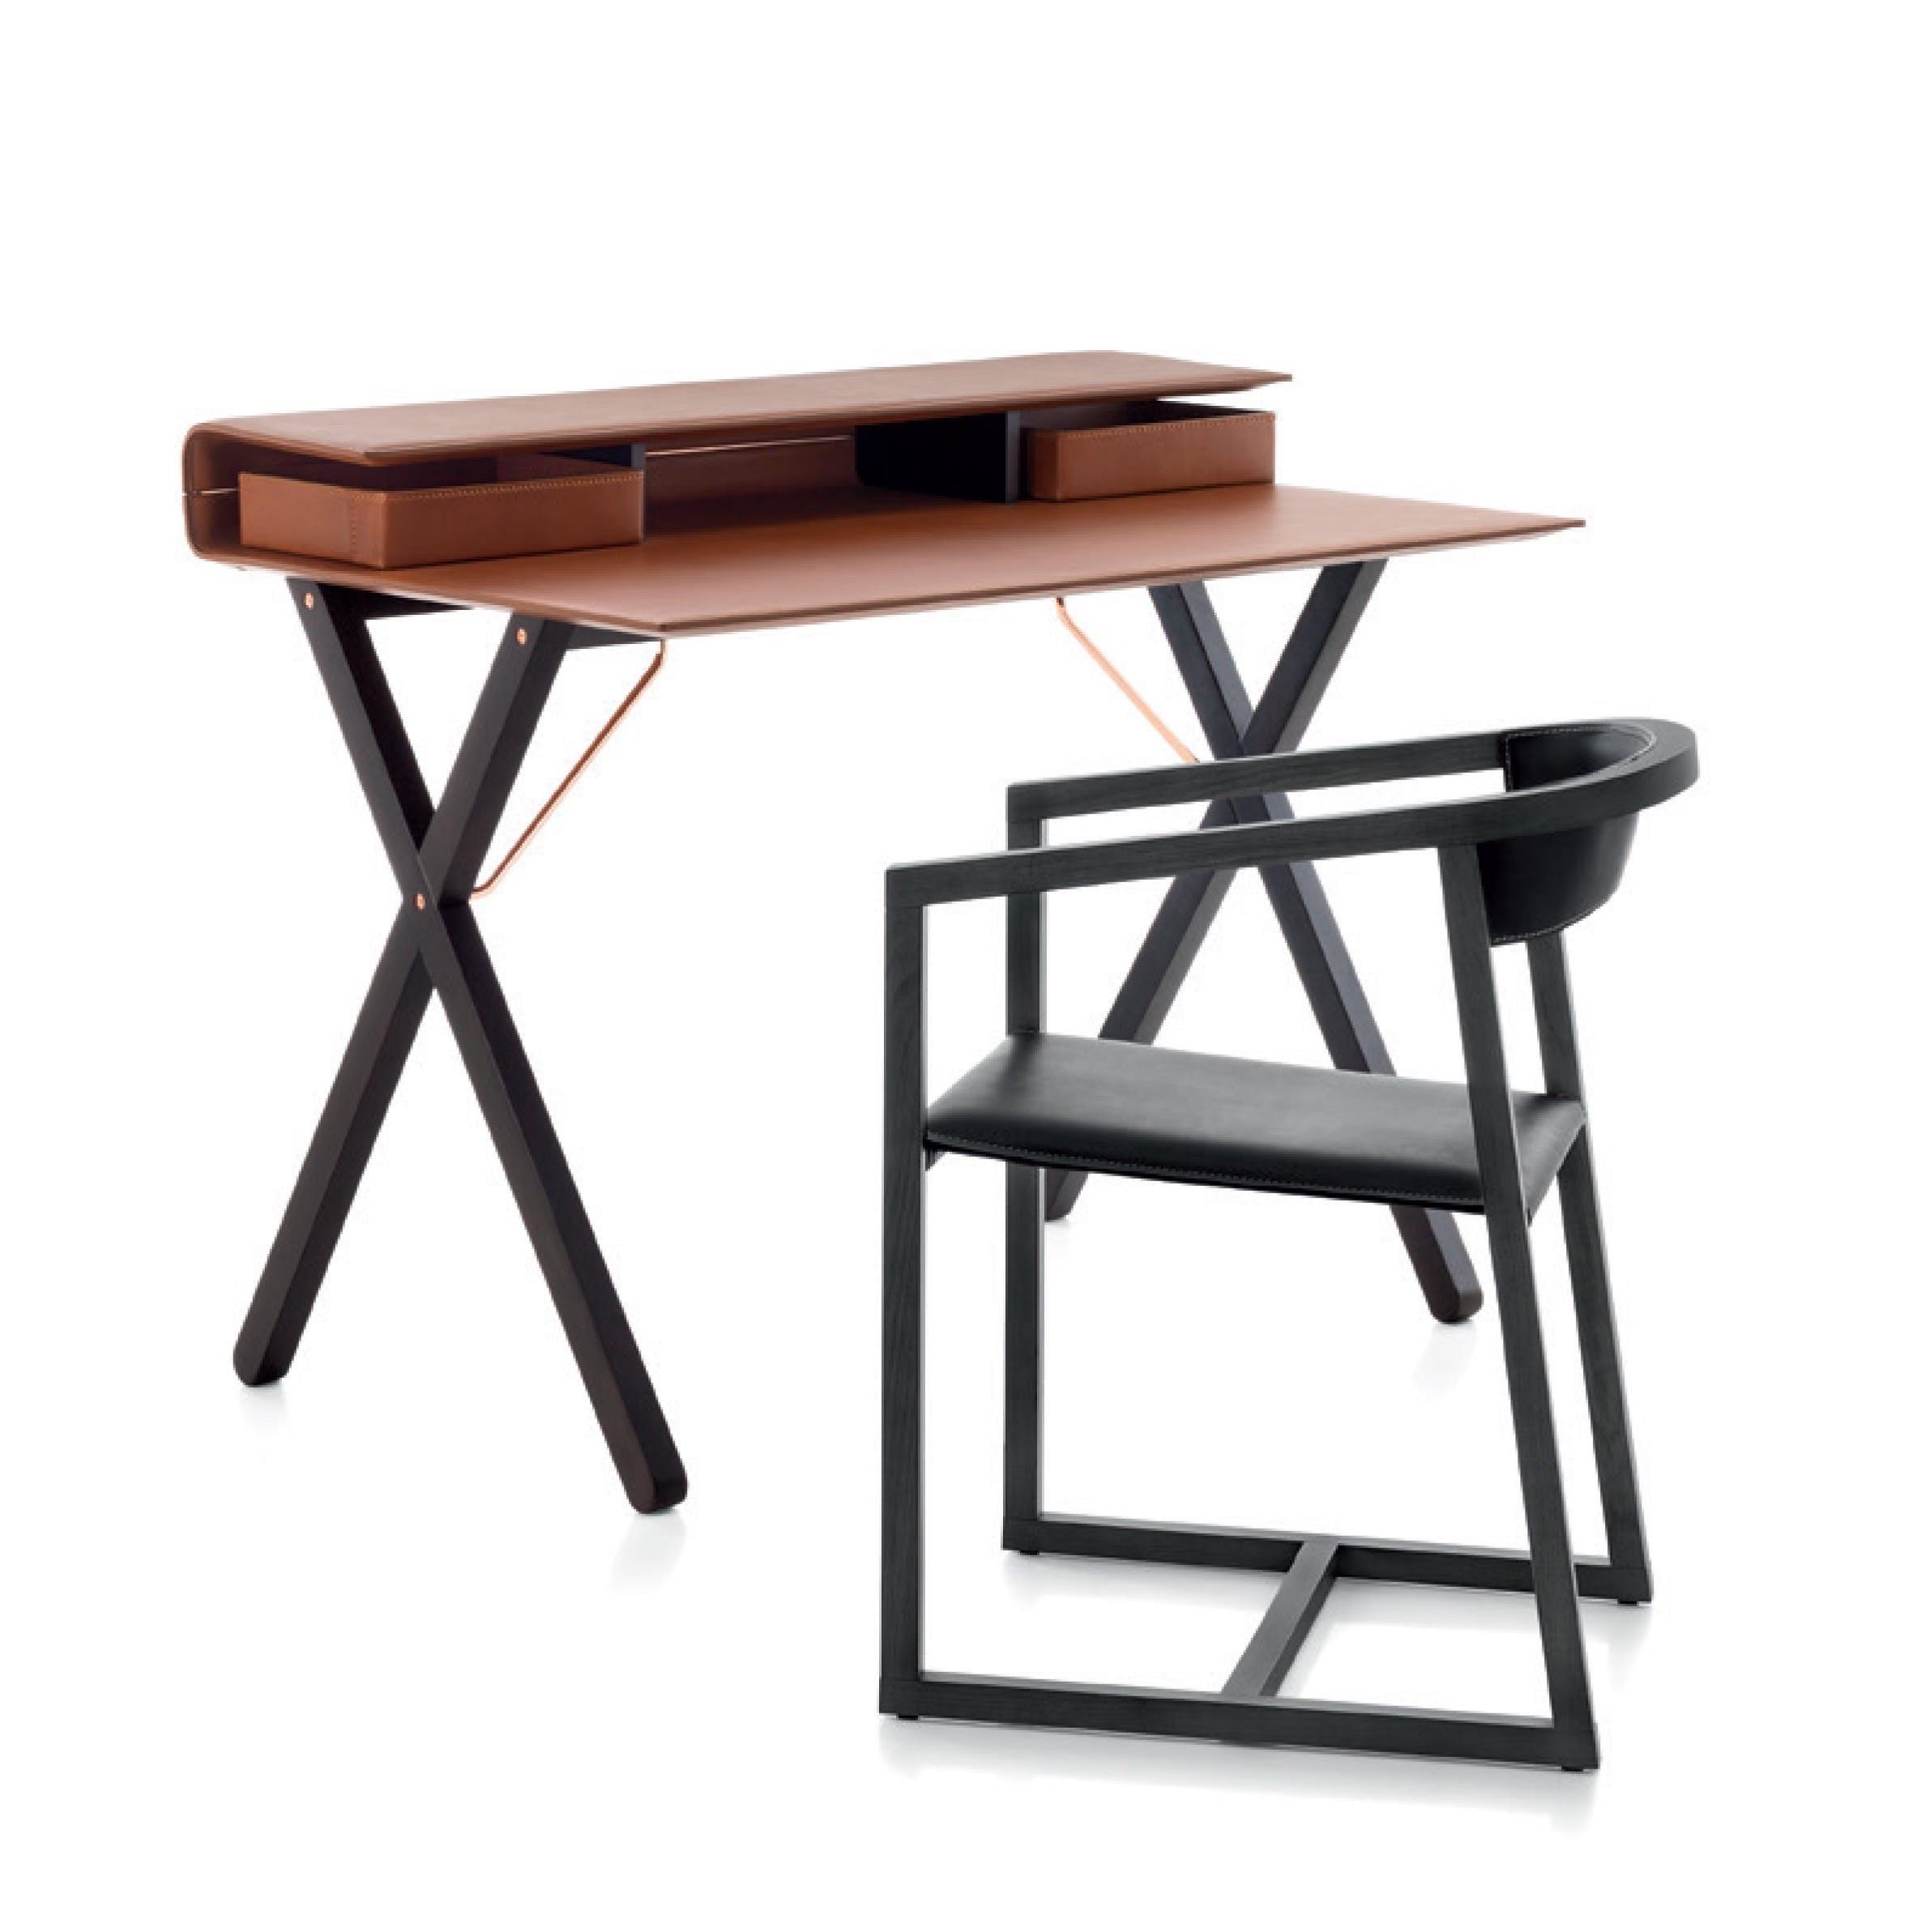 Frag-furniture-chair-kant-desk-haute-living